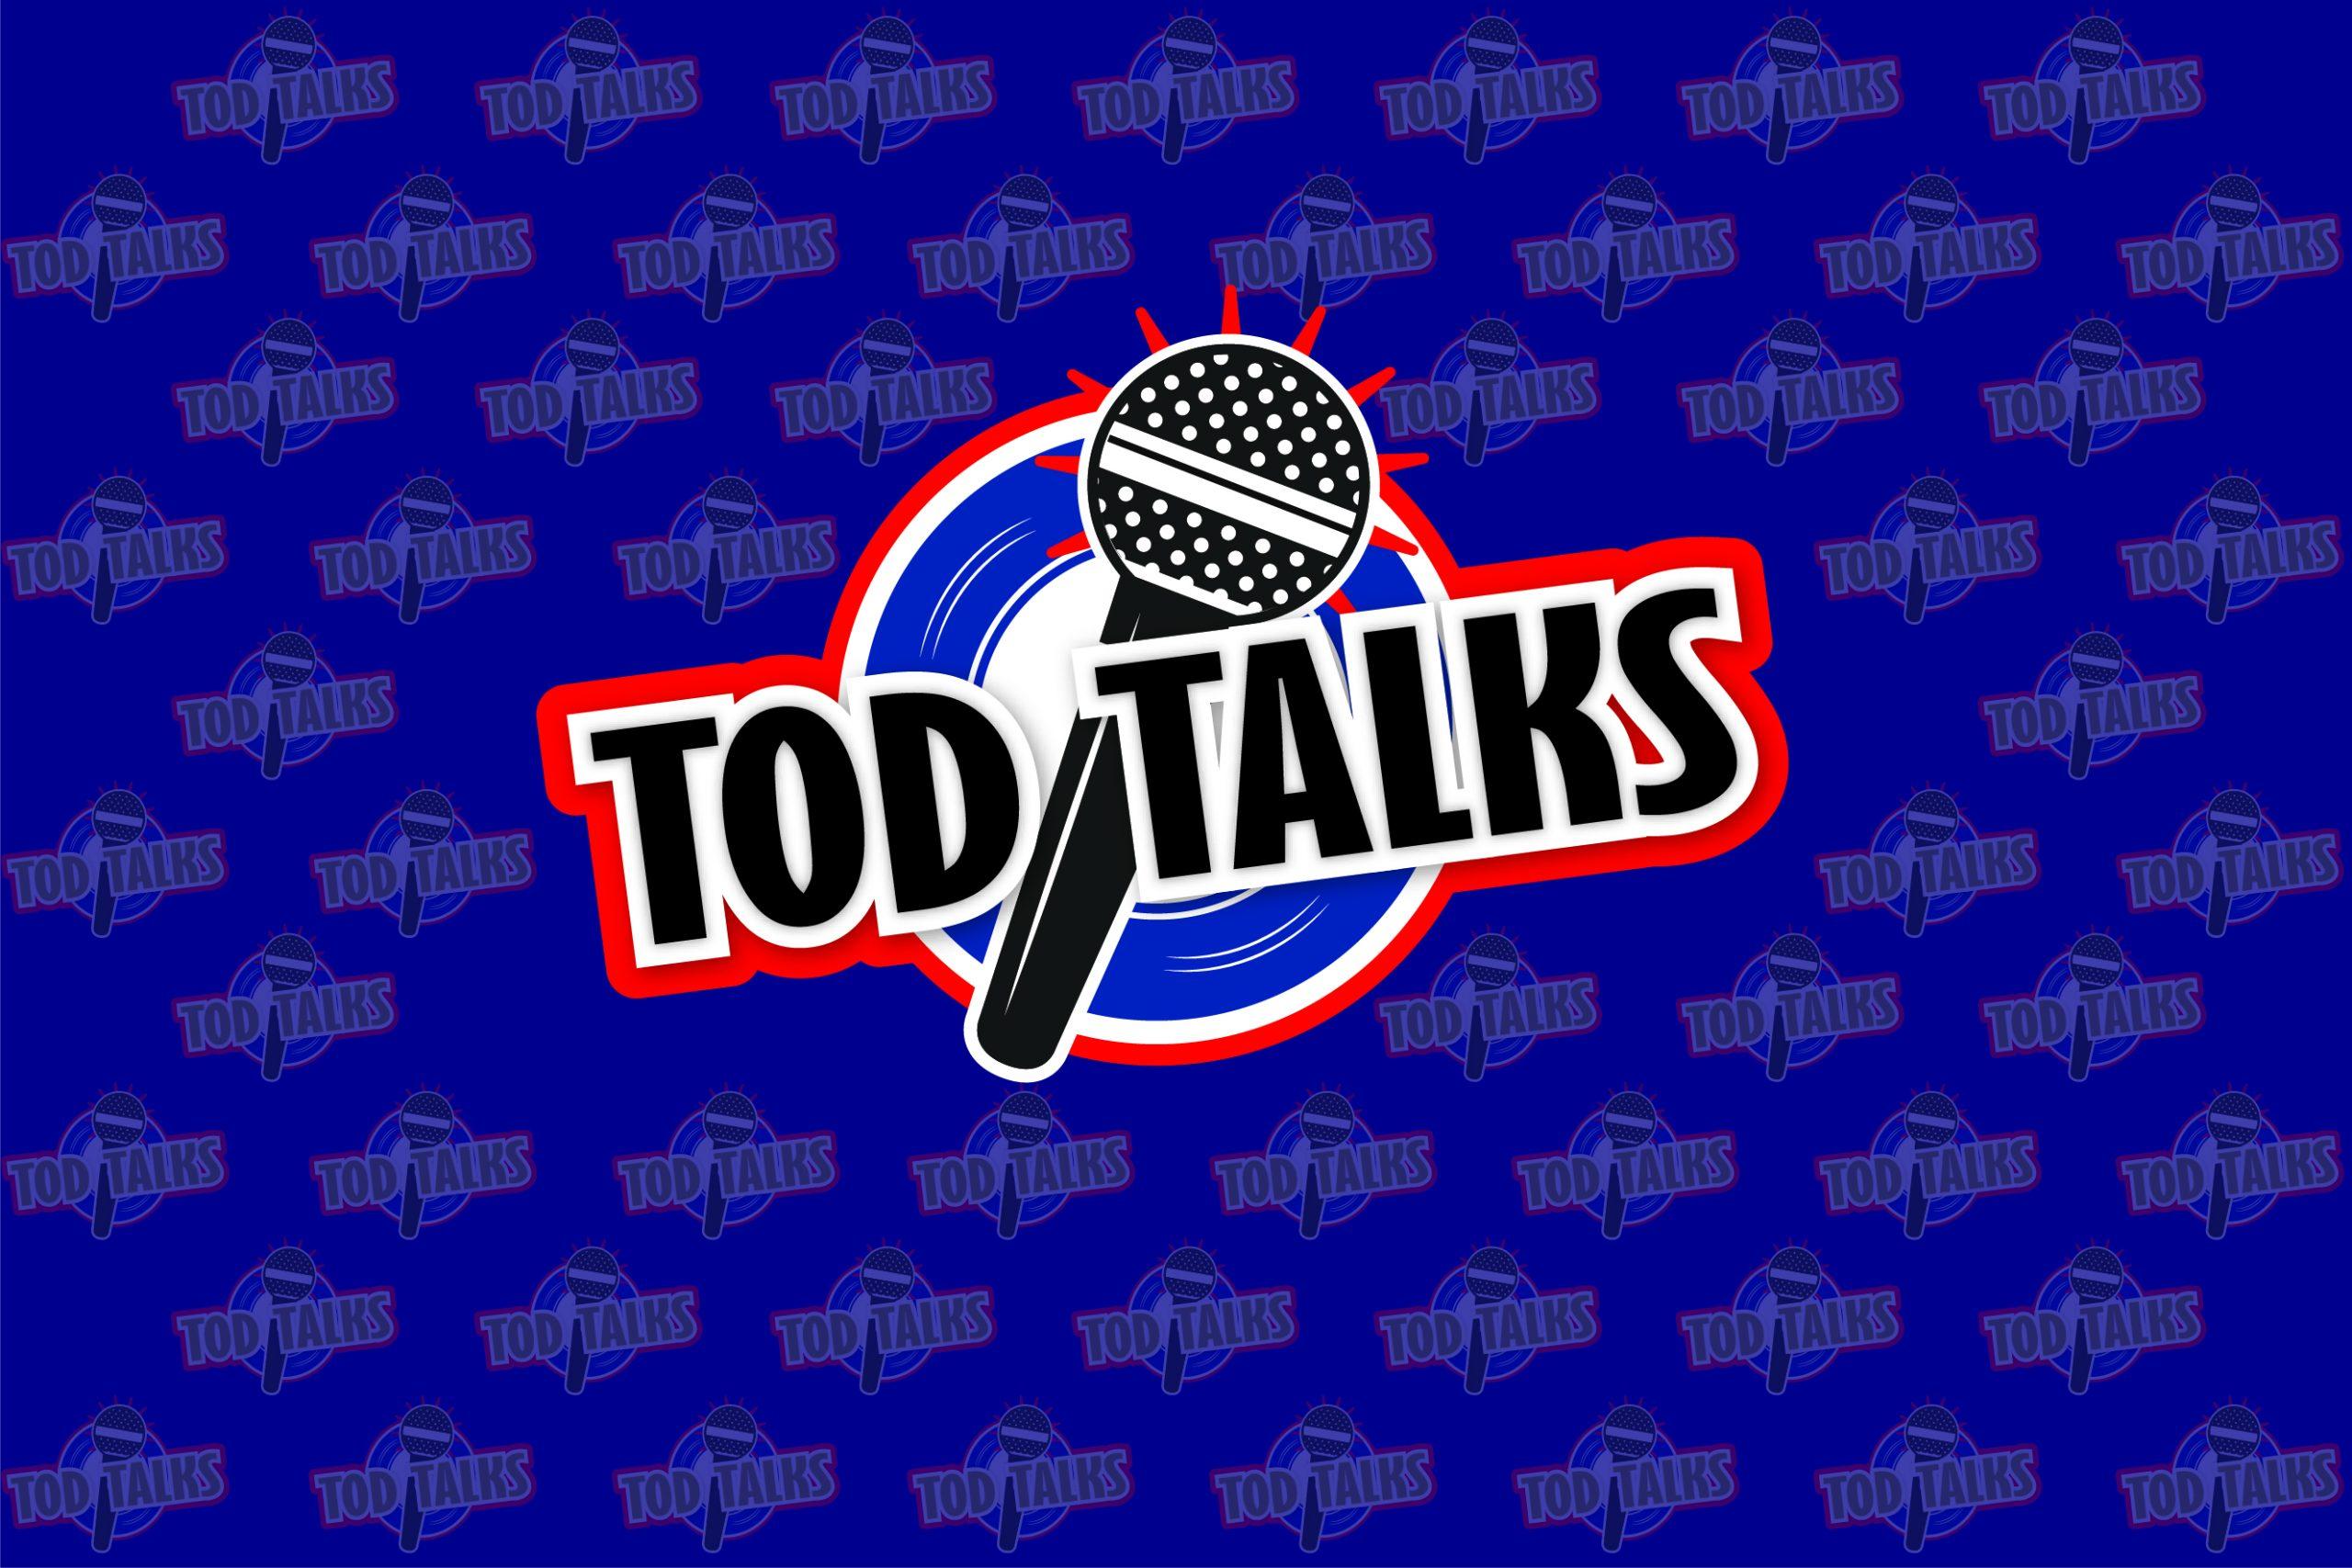 TOD TALKS